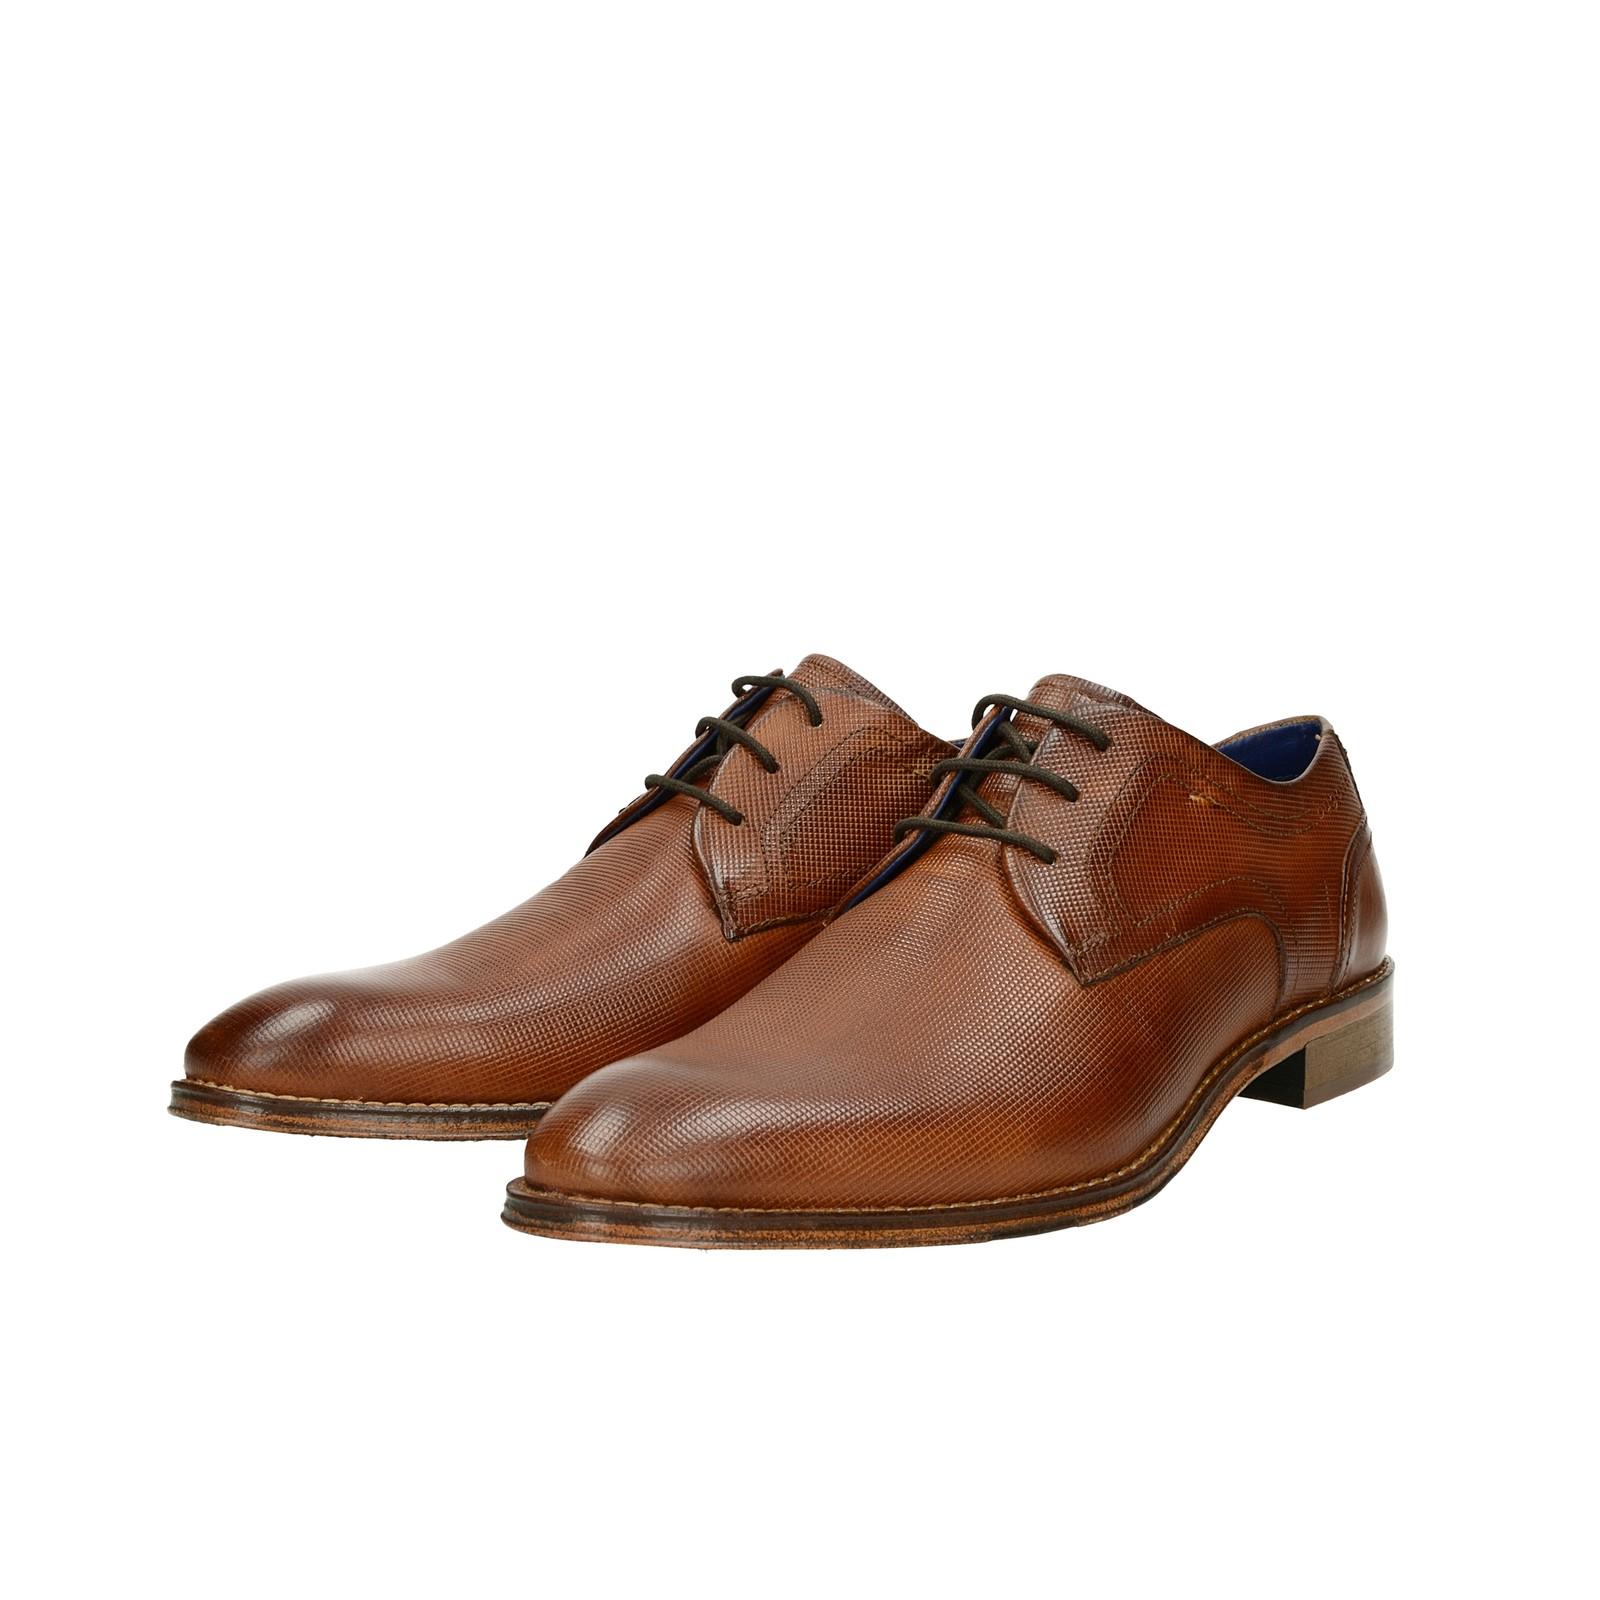 f921b4b80 Bugatti pánske kožené spoločenské topánky - koňakové   312-52902 ...